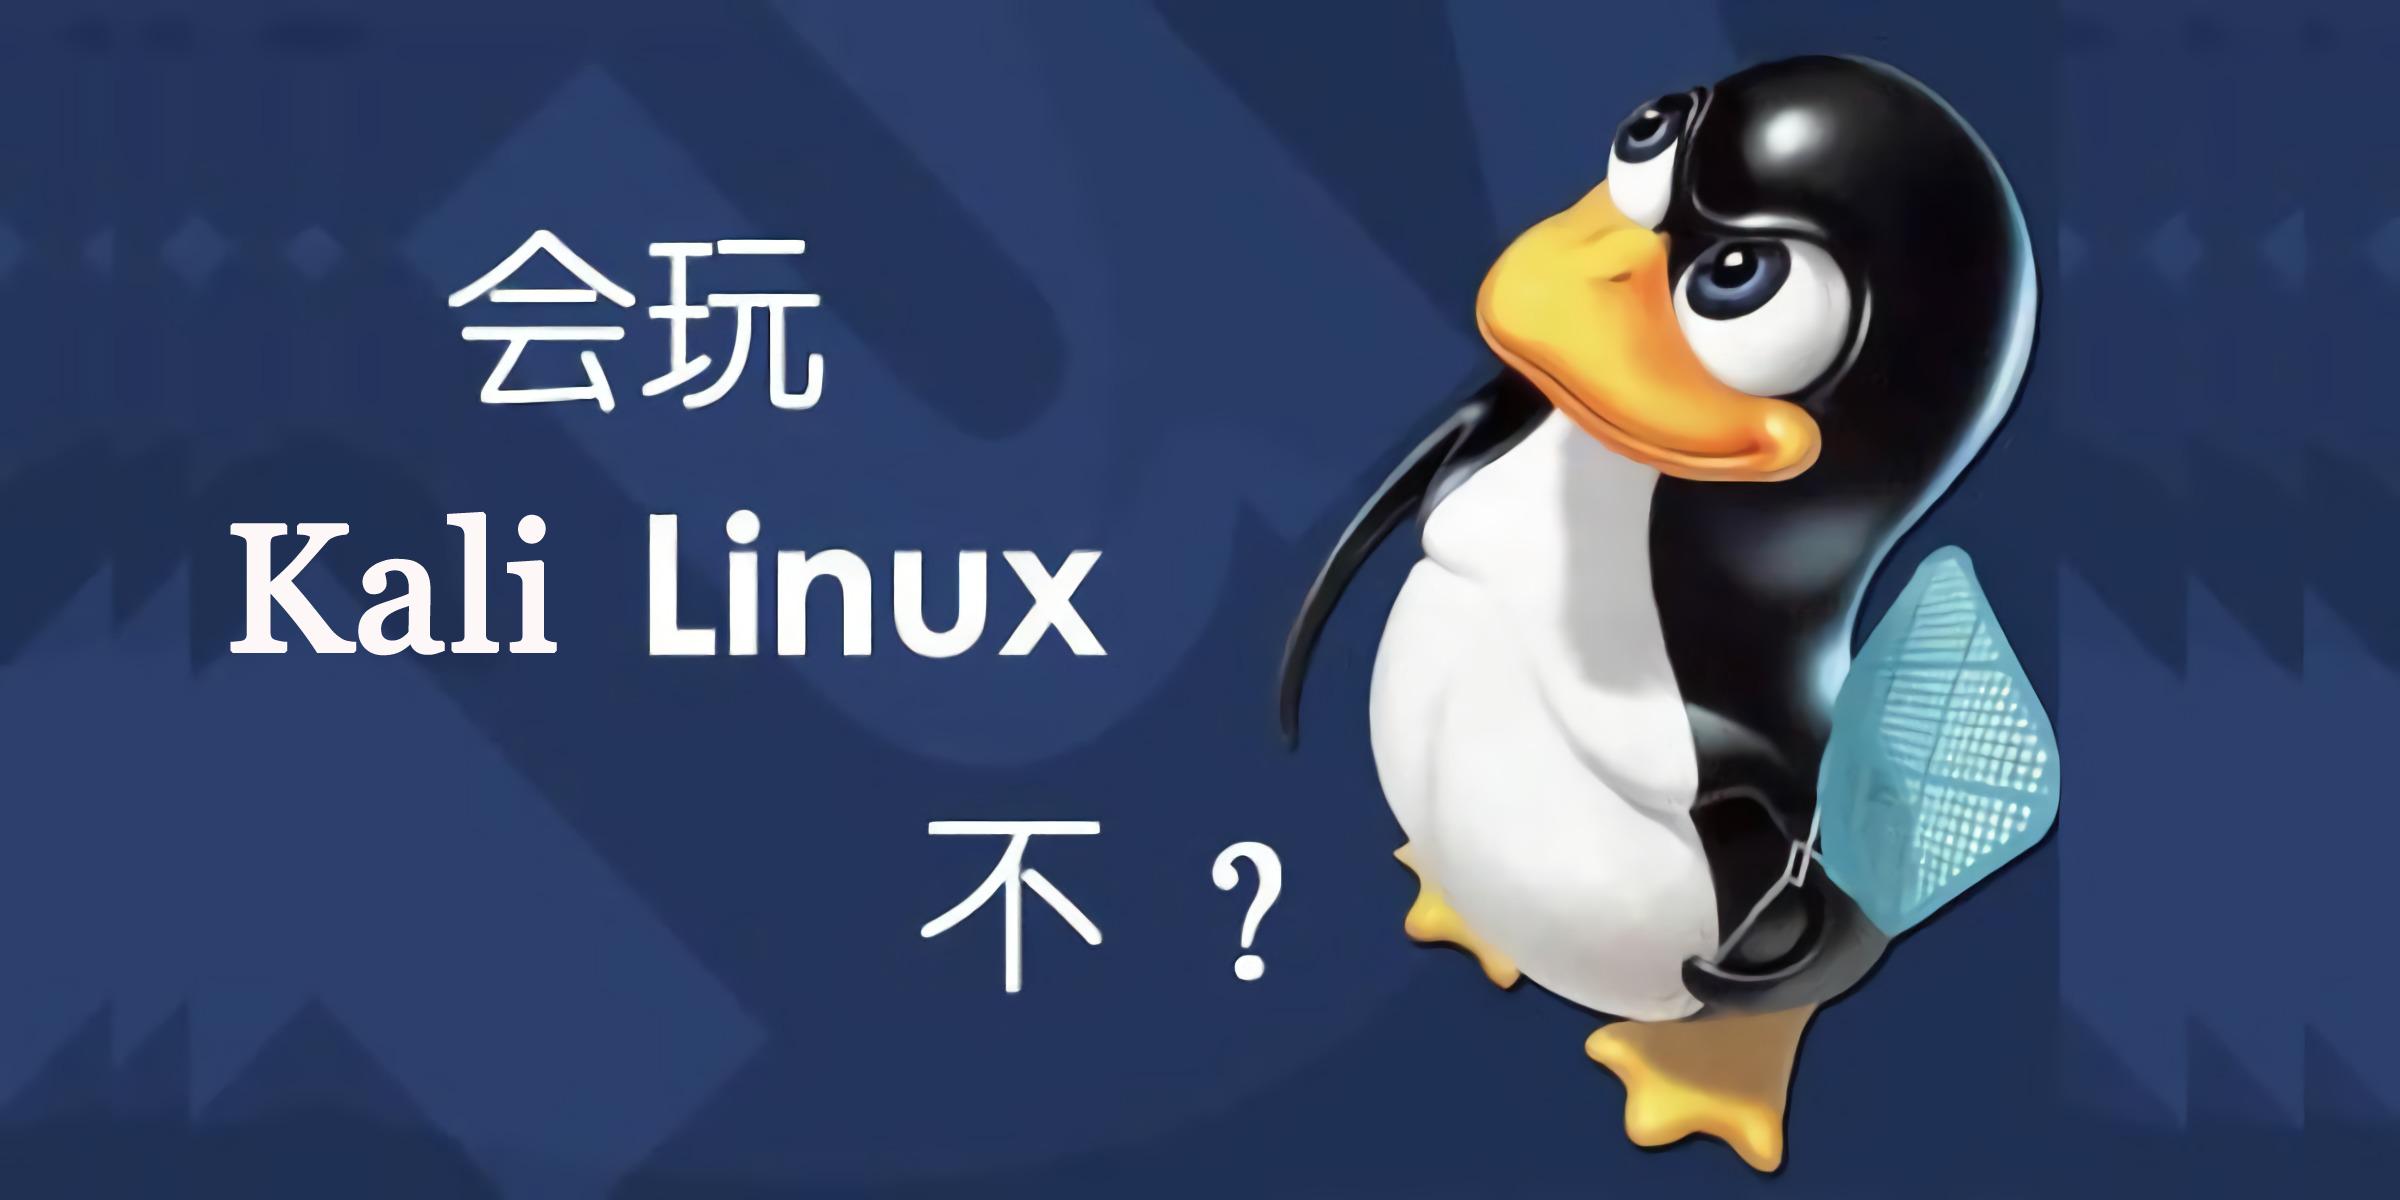 Kali Linux學習篇:Metasploit滲透測試框架入門到實戰